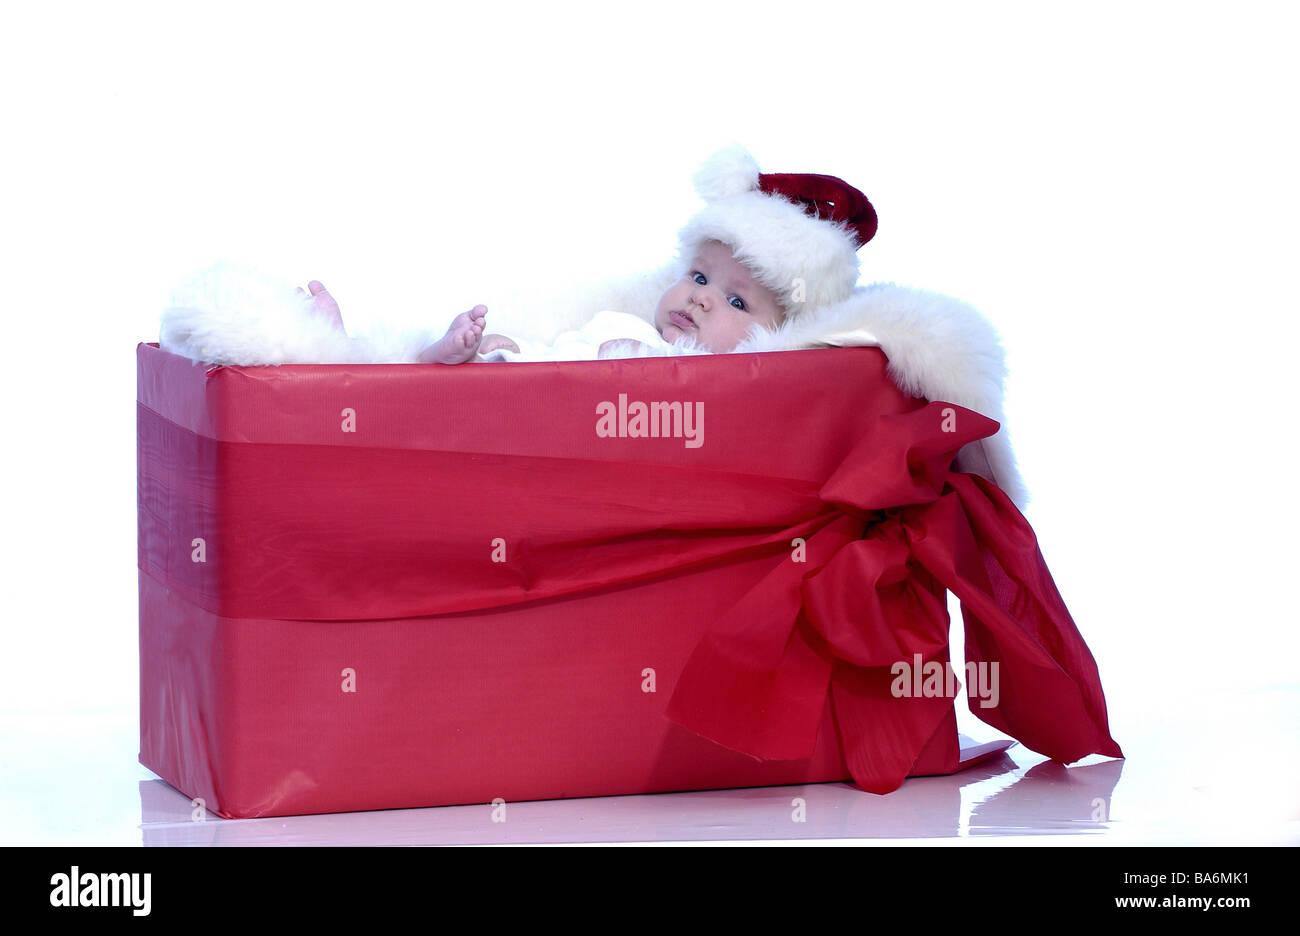 Weihnachten Baby Nikolaus Mütze Geschenk Paket Weihnachten